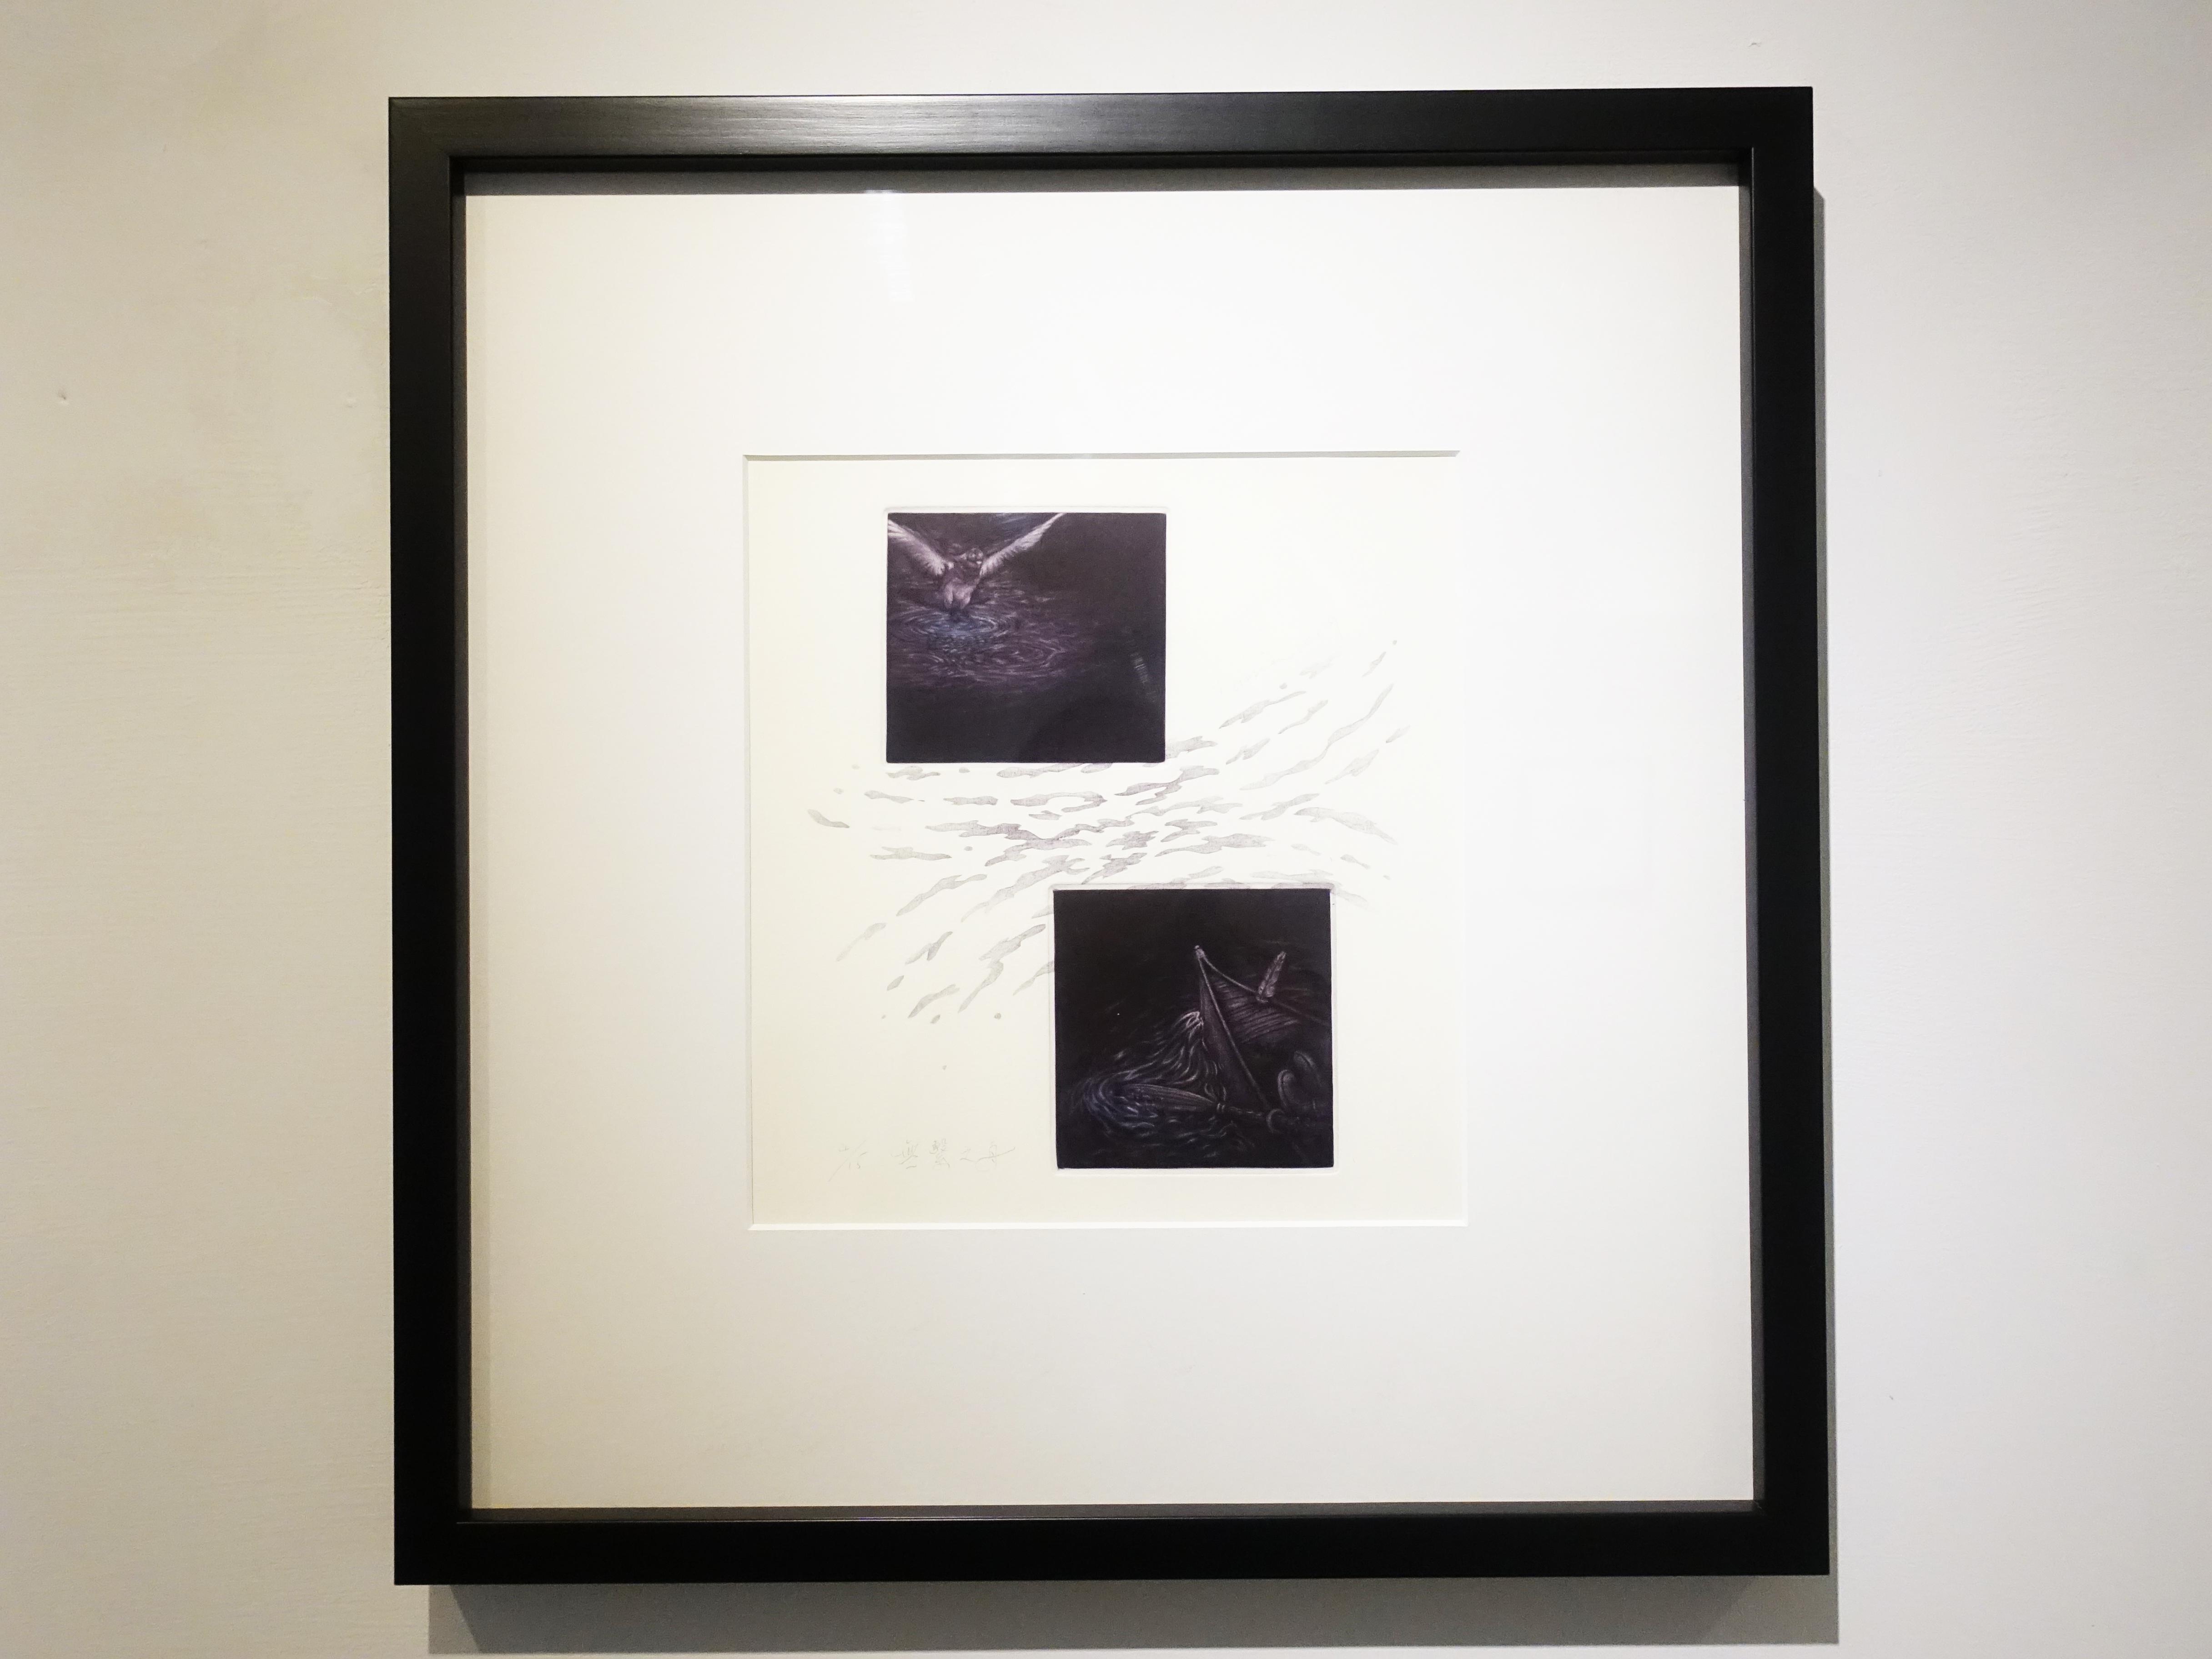 周姲醇,《無繫之舟》,20.5 x 22.5 cm,美柔丁4/15,2019。